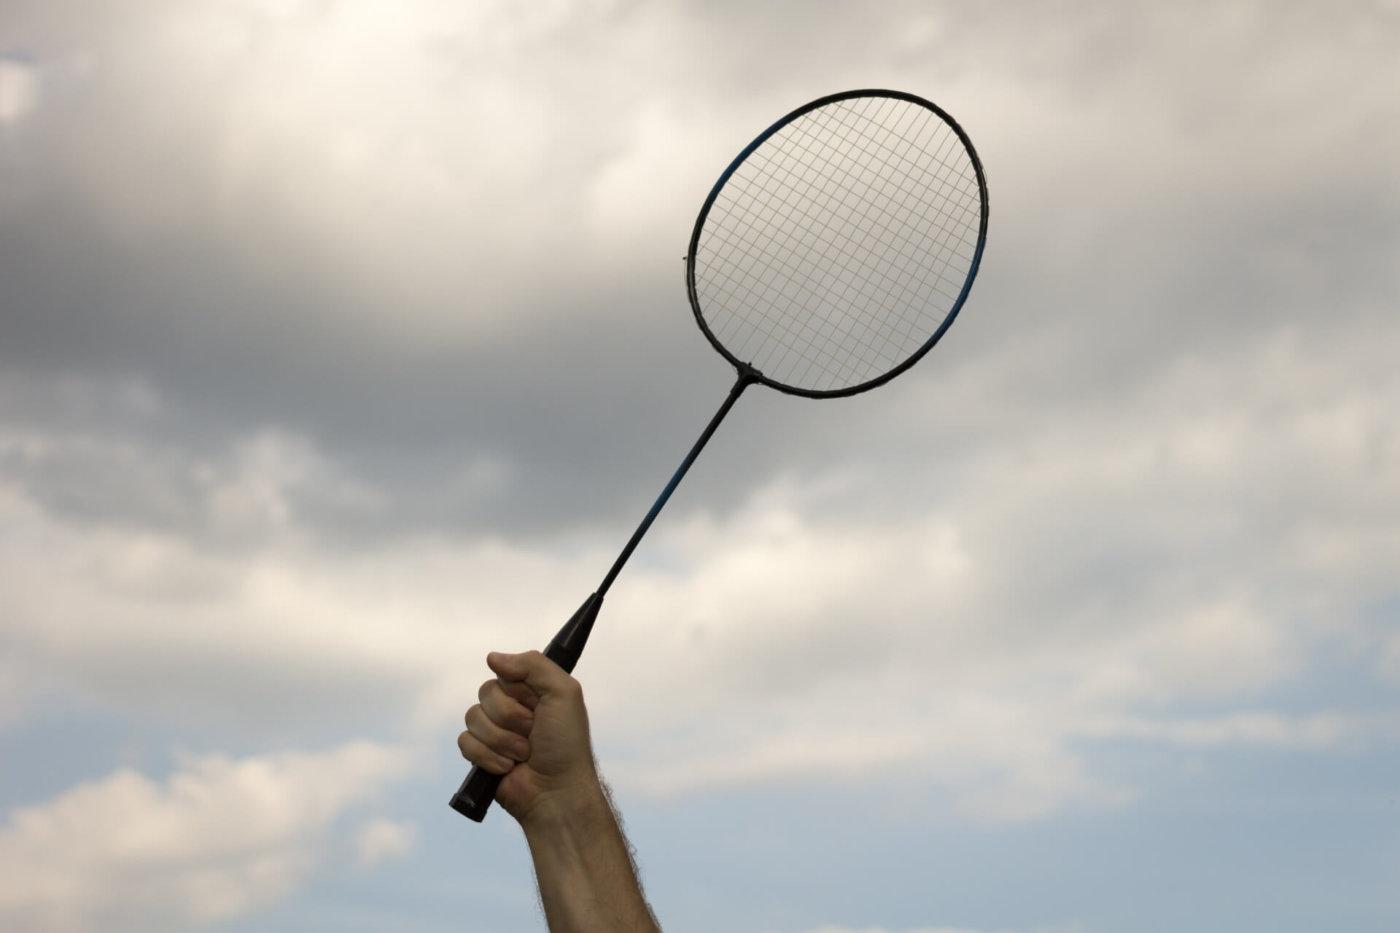 バドミントンラケットの正しい握り方と矯正方法まとめ